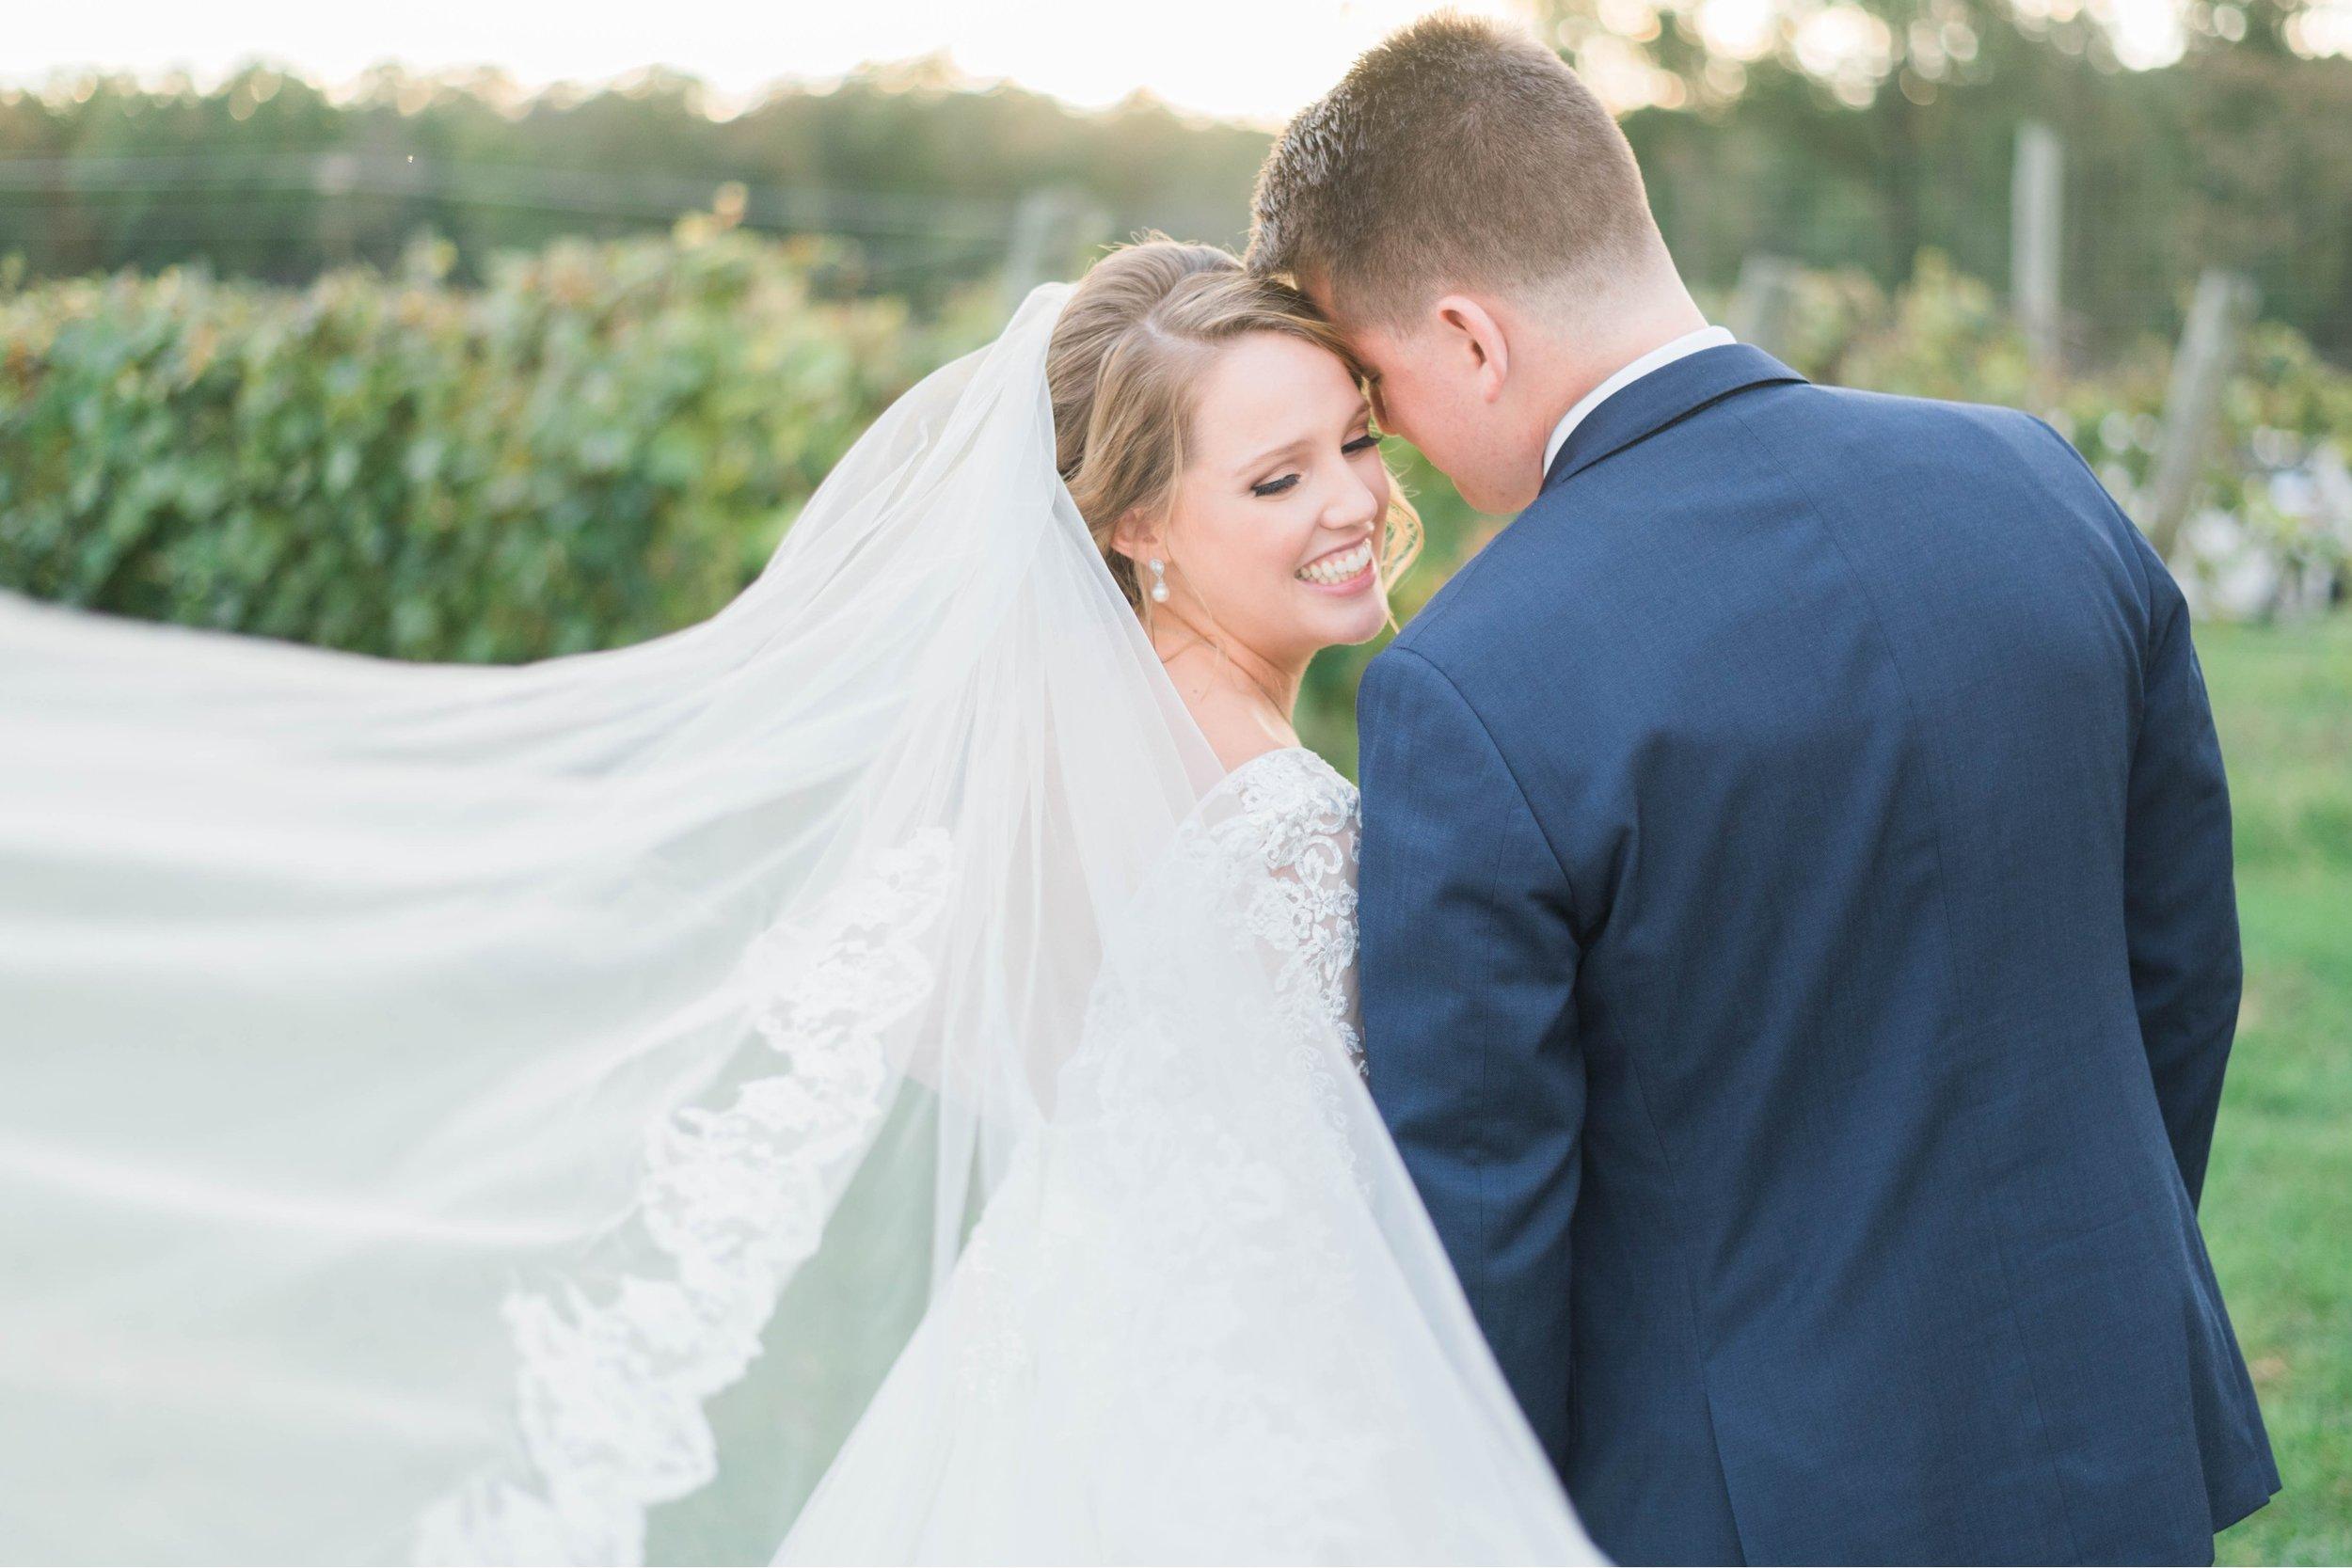 GrantElizabeth_wineryatbullrun_DCwedding_Virginiaweddingphotographer 30.jpg